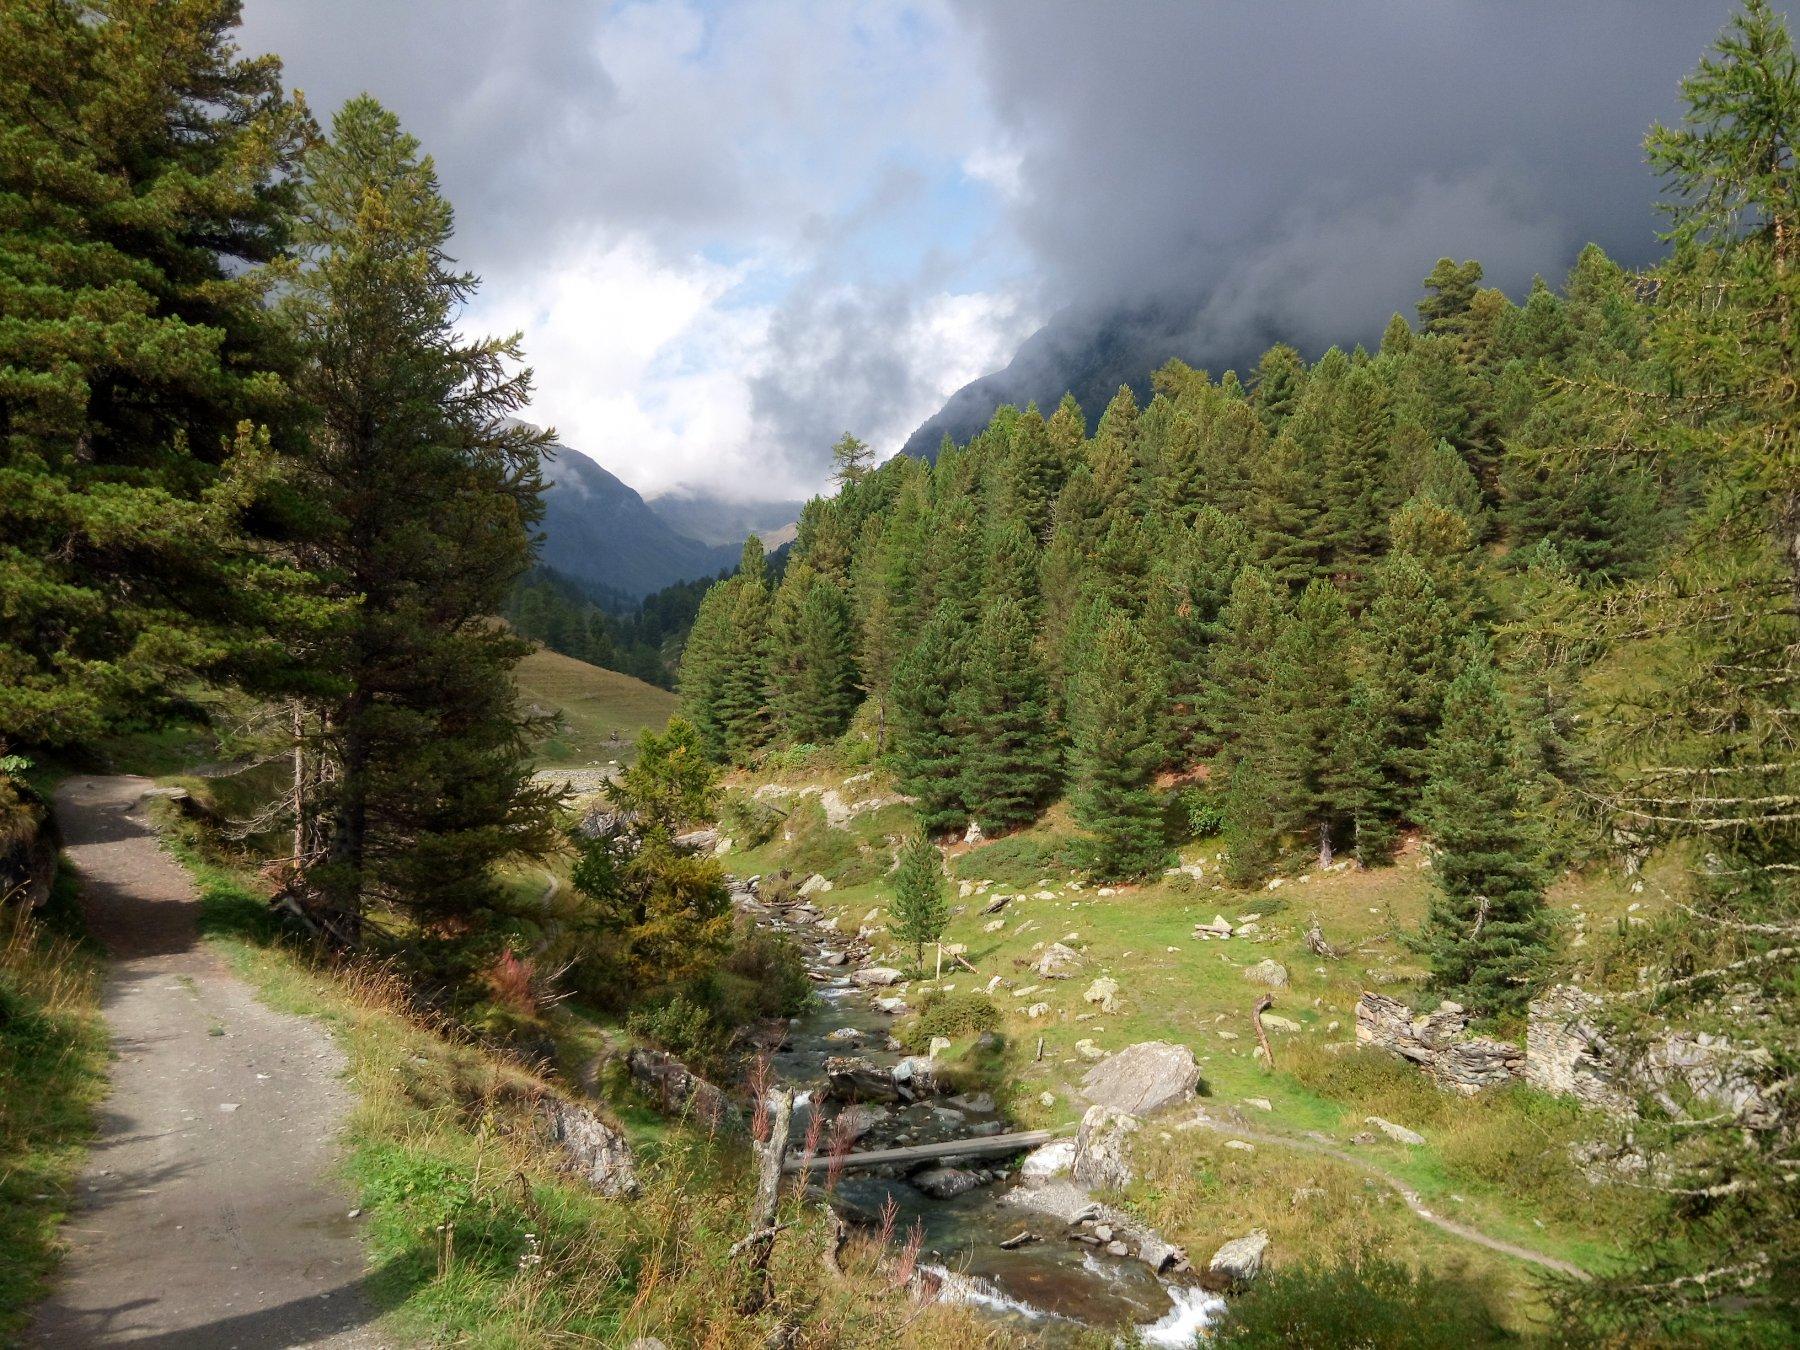 vallone di vallanta e bosco dell' alevè